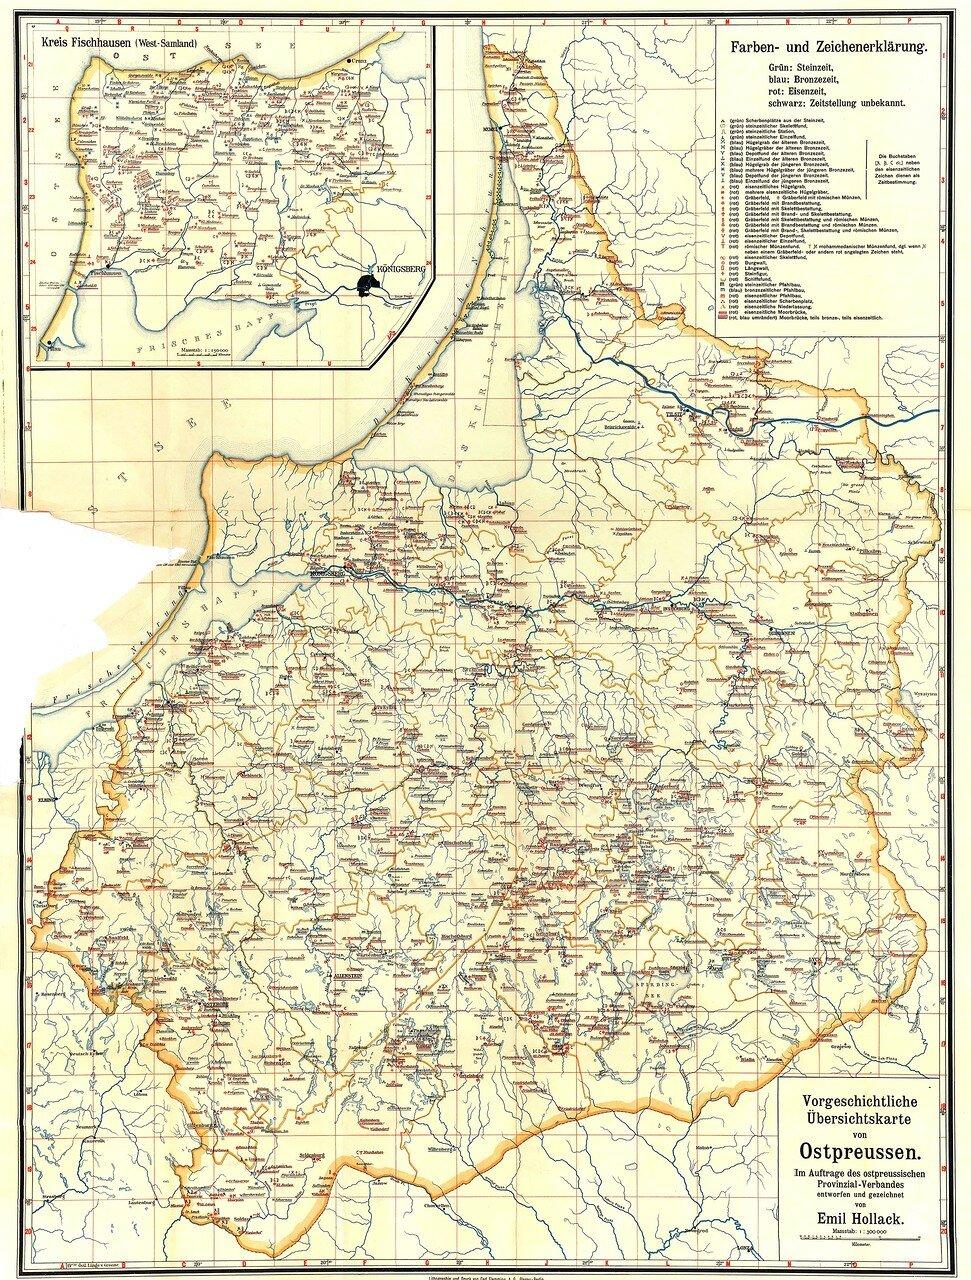 Археологическая карта Восточной Пруссии, составленная Эмилем Холлаком в 1908 году